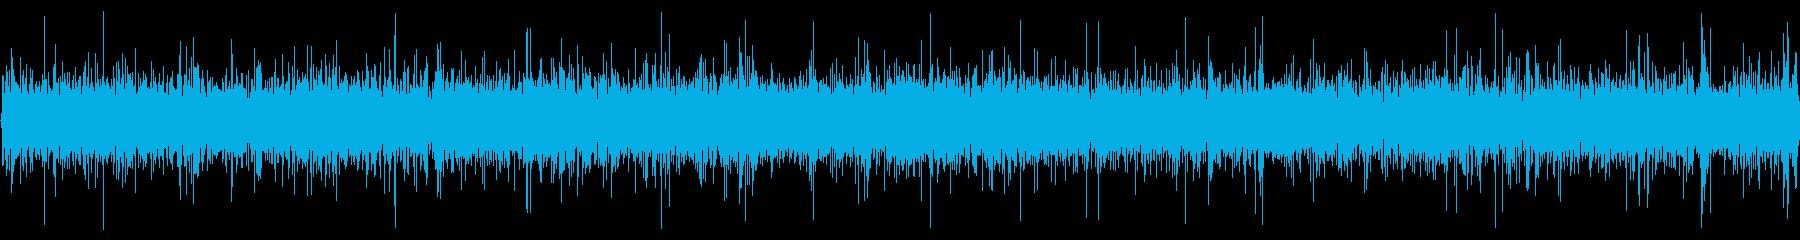 流れ水 水 クリークスモールリップル01の再生済みの波形